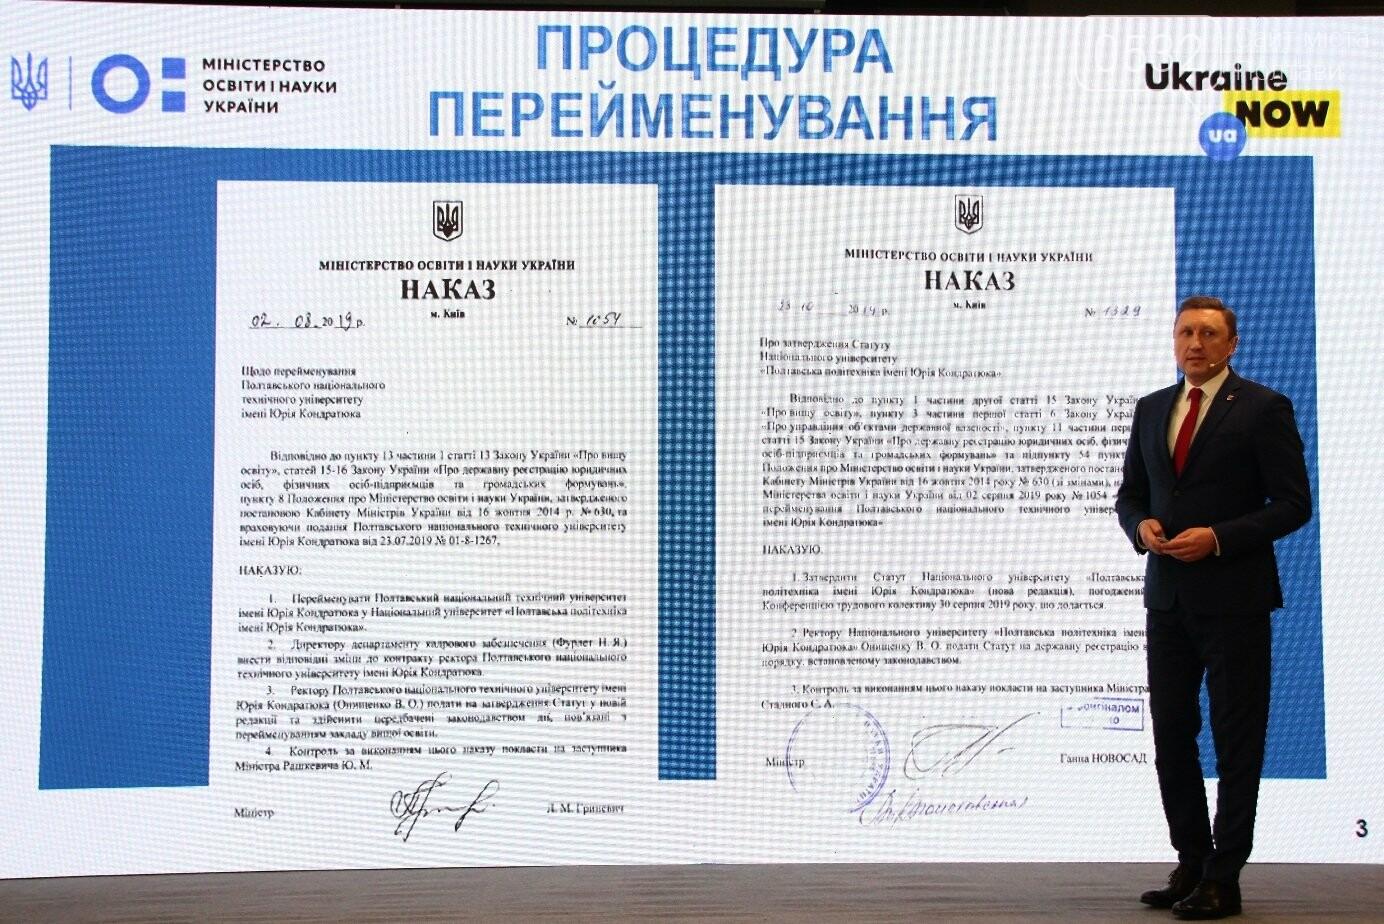 Полтавський національний технічний університет імені Юрія Кондратюка став «Полтавською політехнікою», фото-4